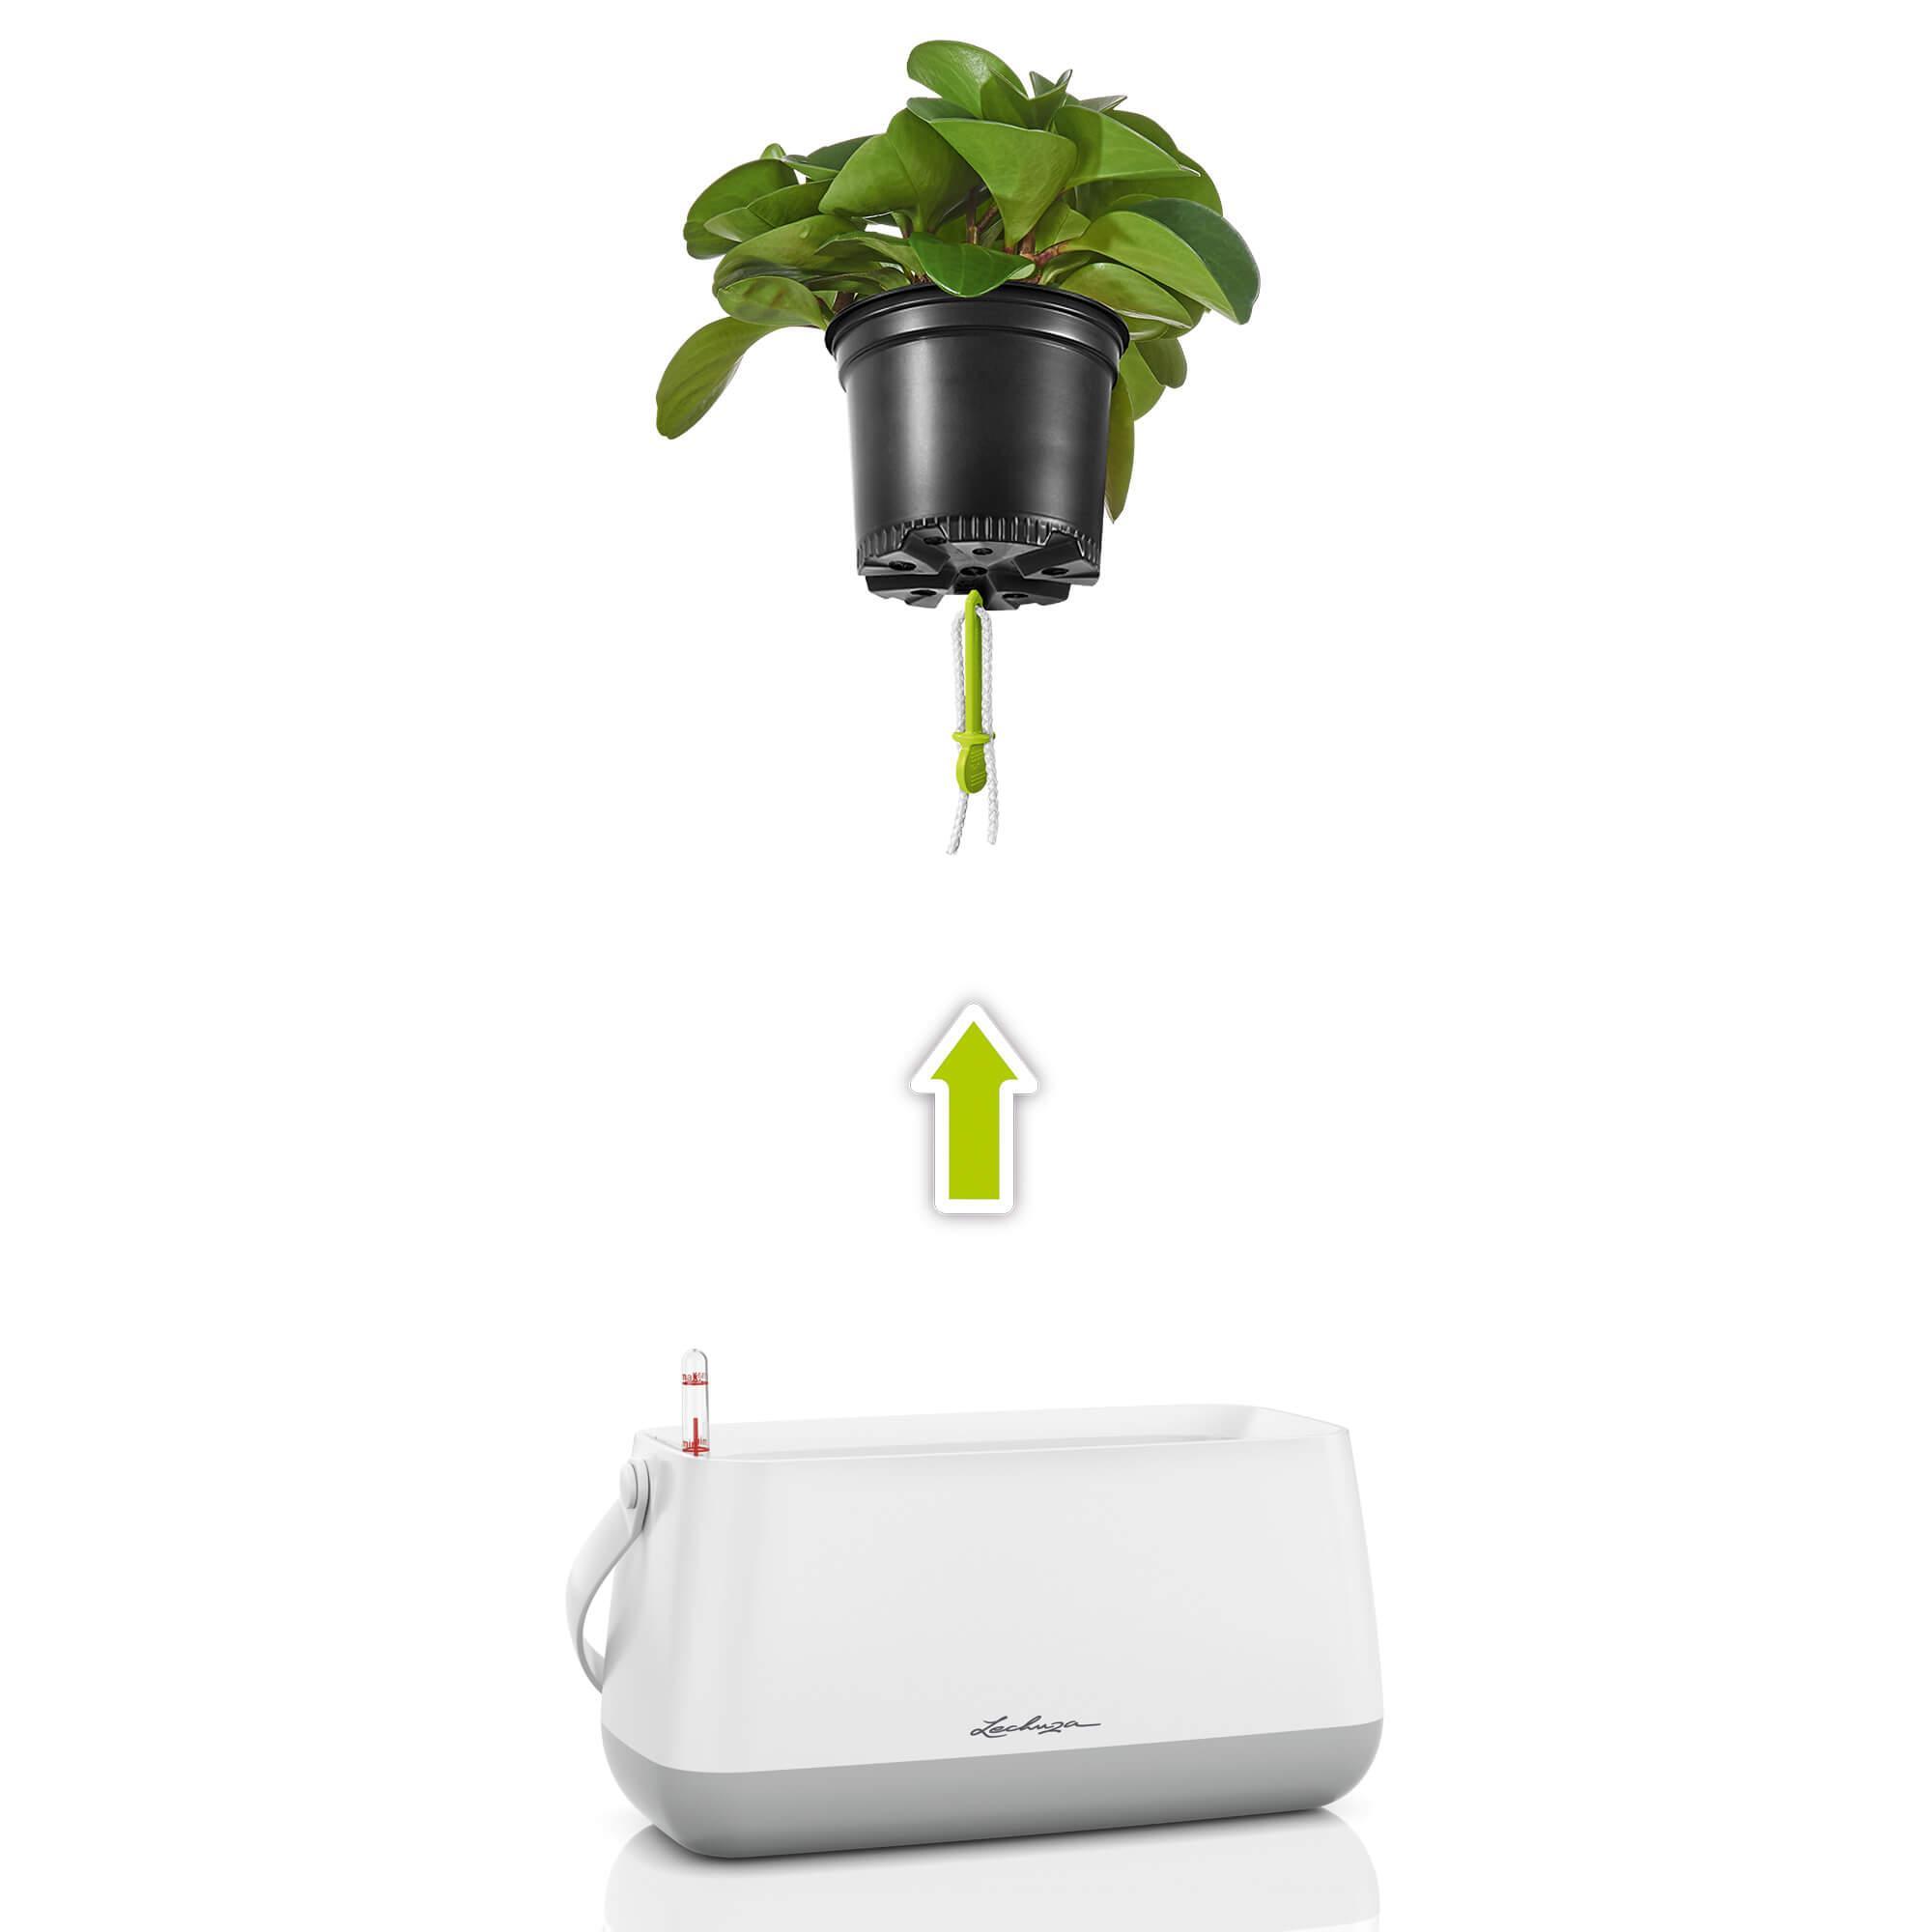 Borsetta per piante YULA bianco/grigio semi opache - Immagine 3